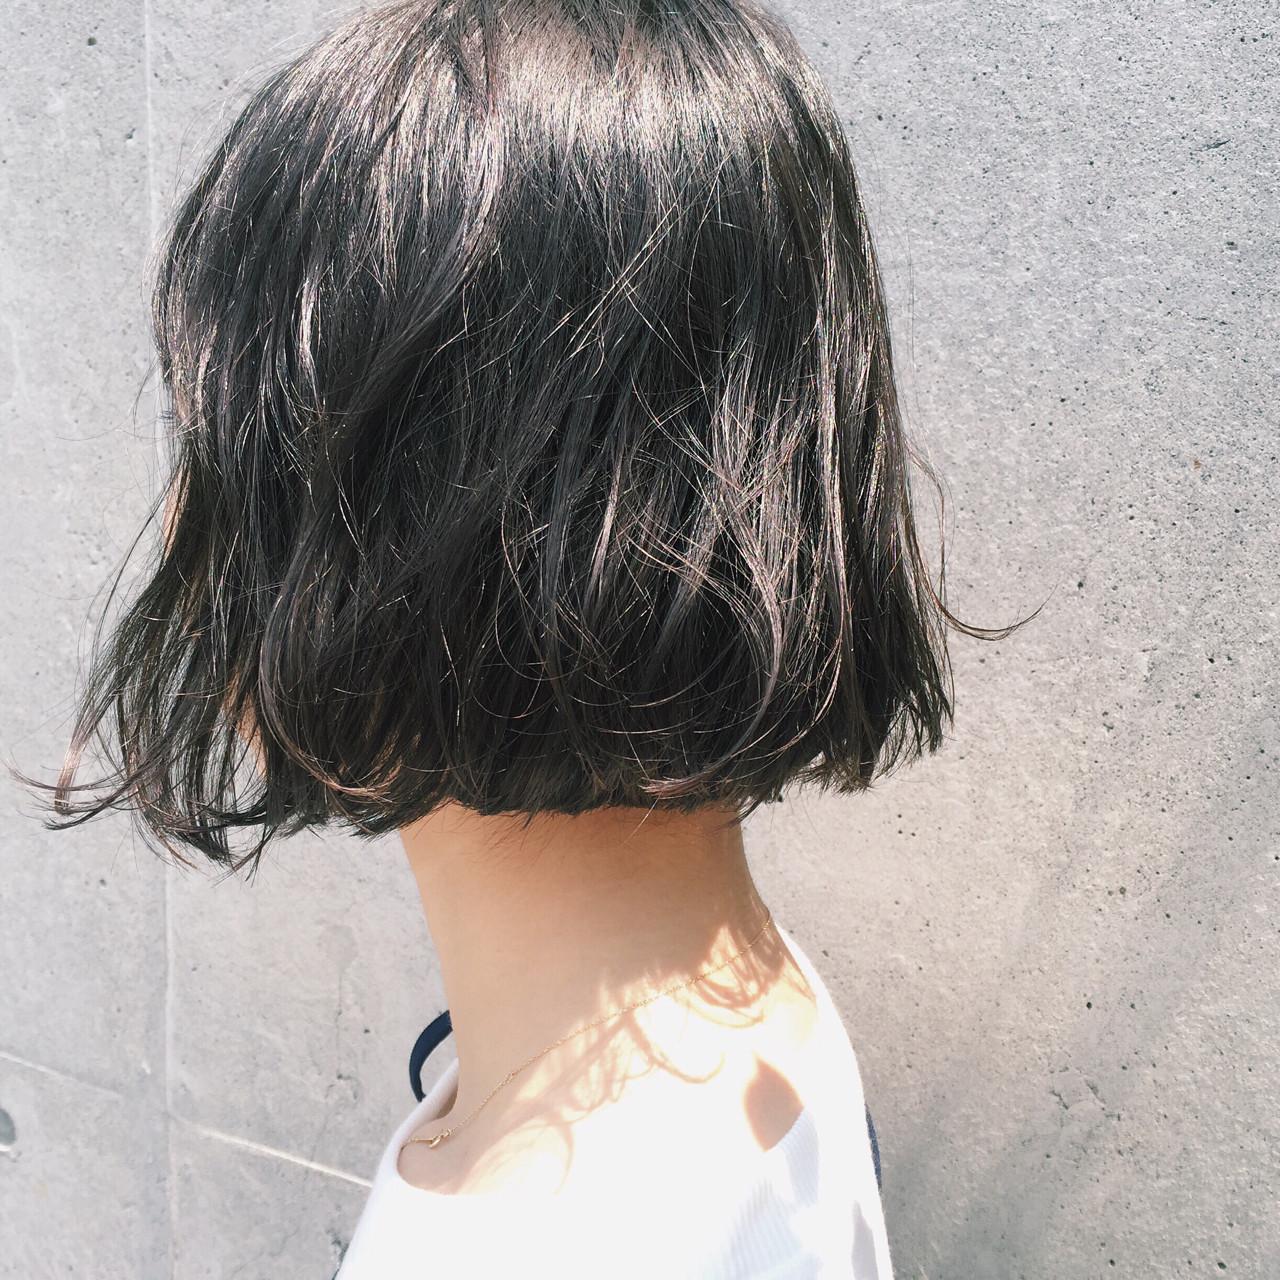 【ヘアカタログ】黒髪を活かしたヘアスタイル8選  市木ありさ